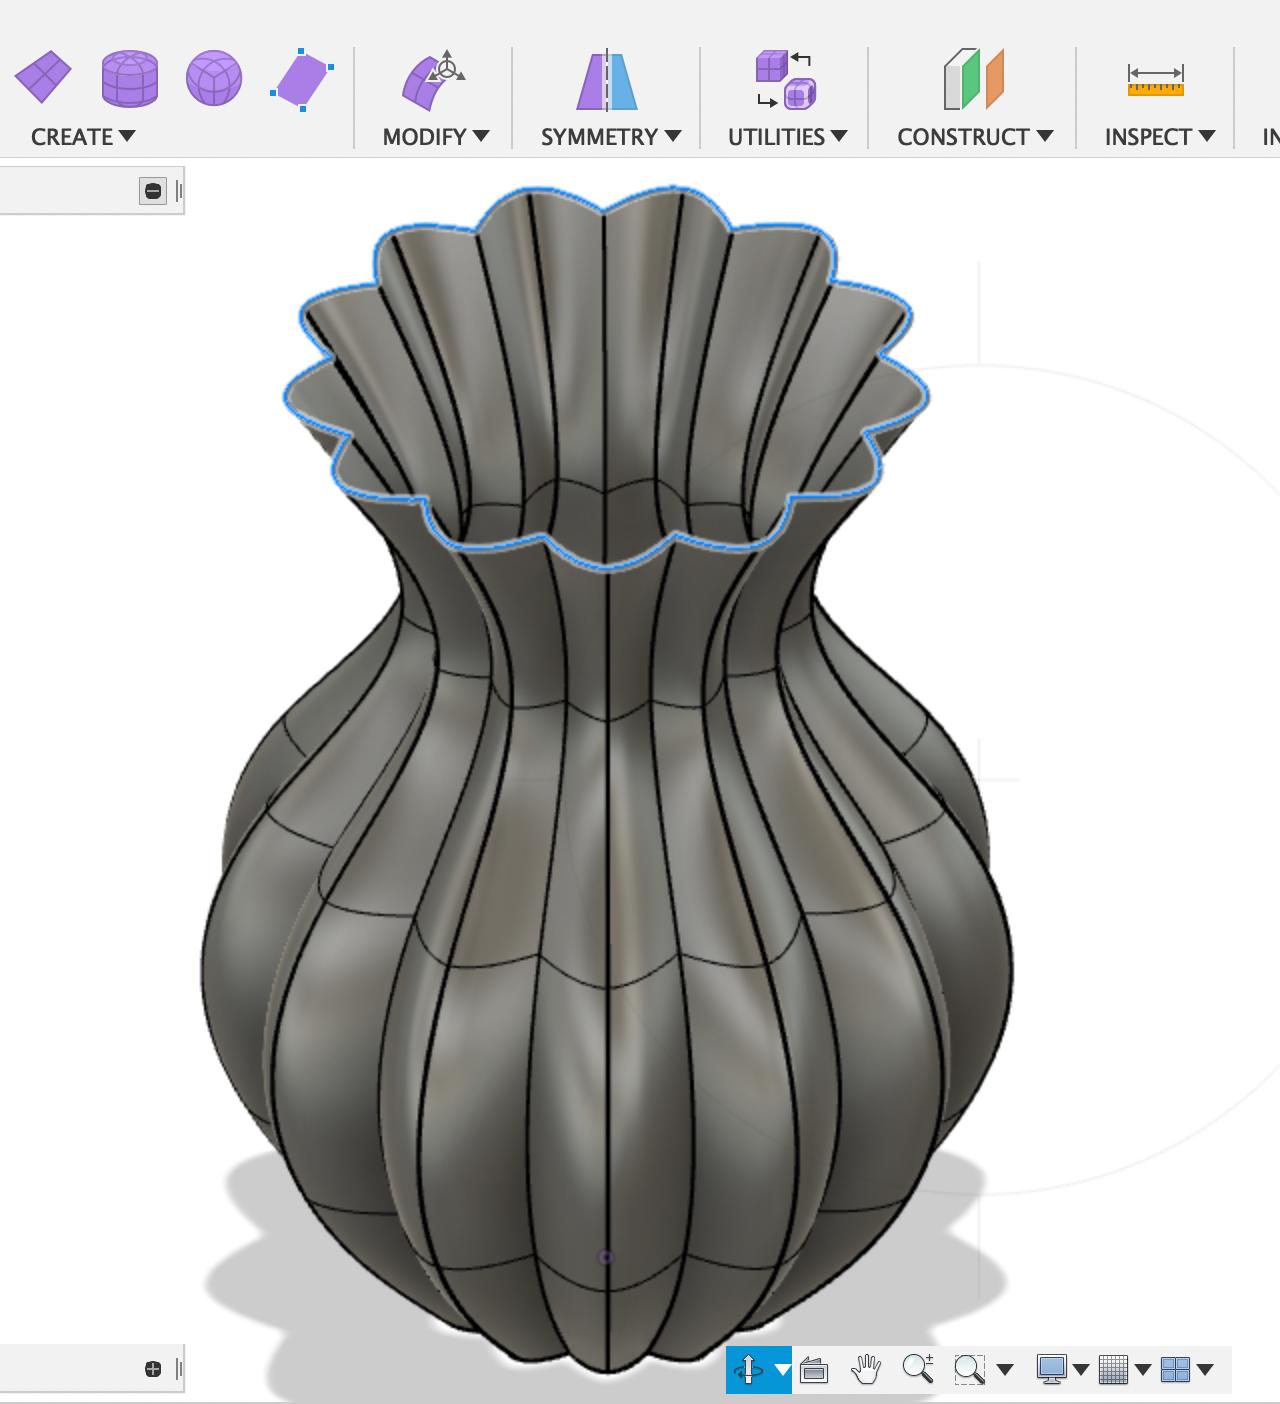 Intro to CAD: Fusion 360 Part 2 (via Zoom)